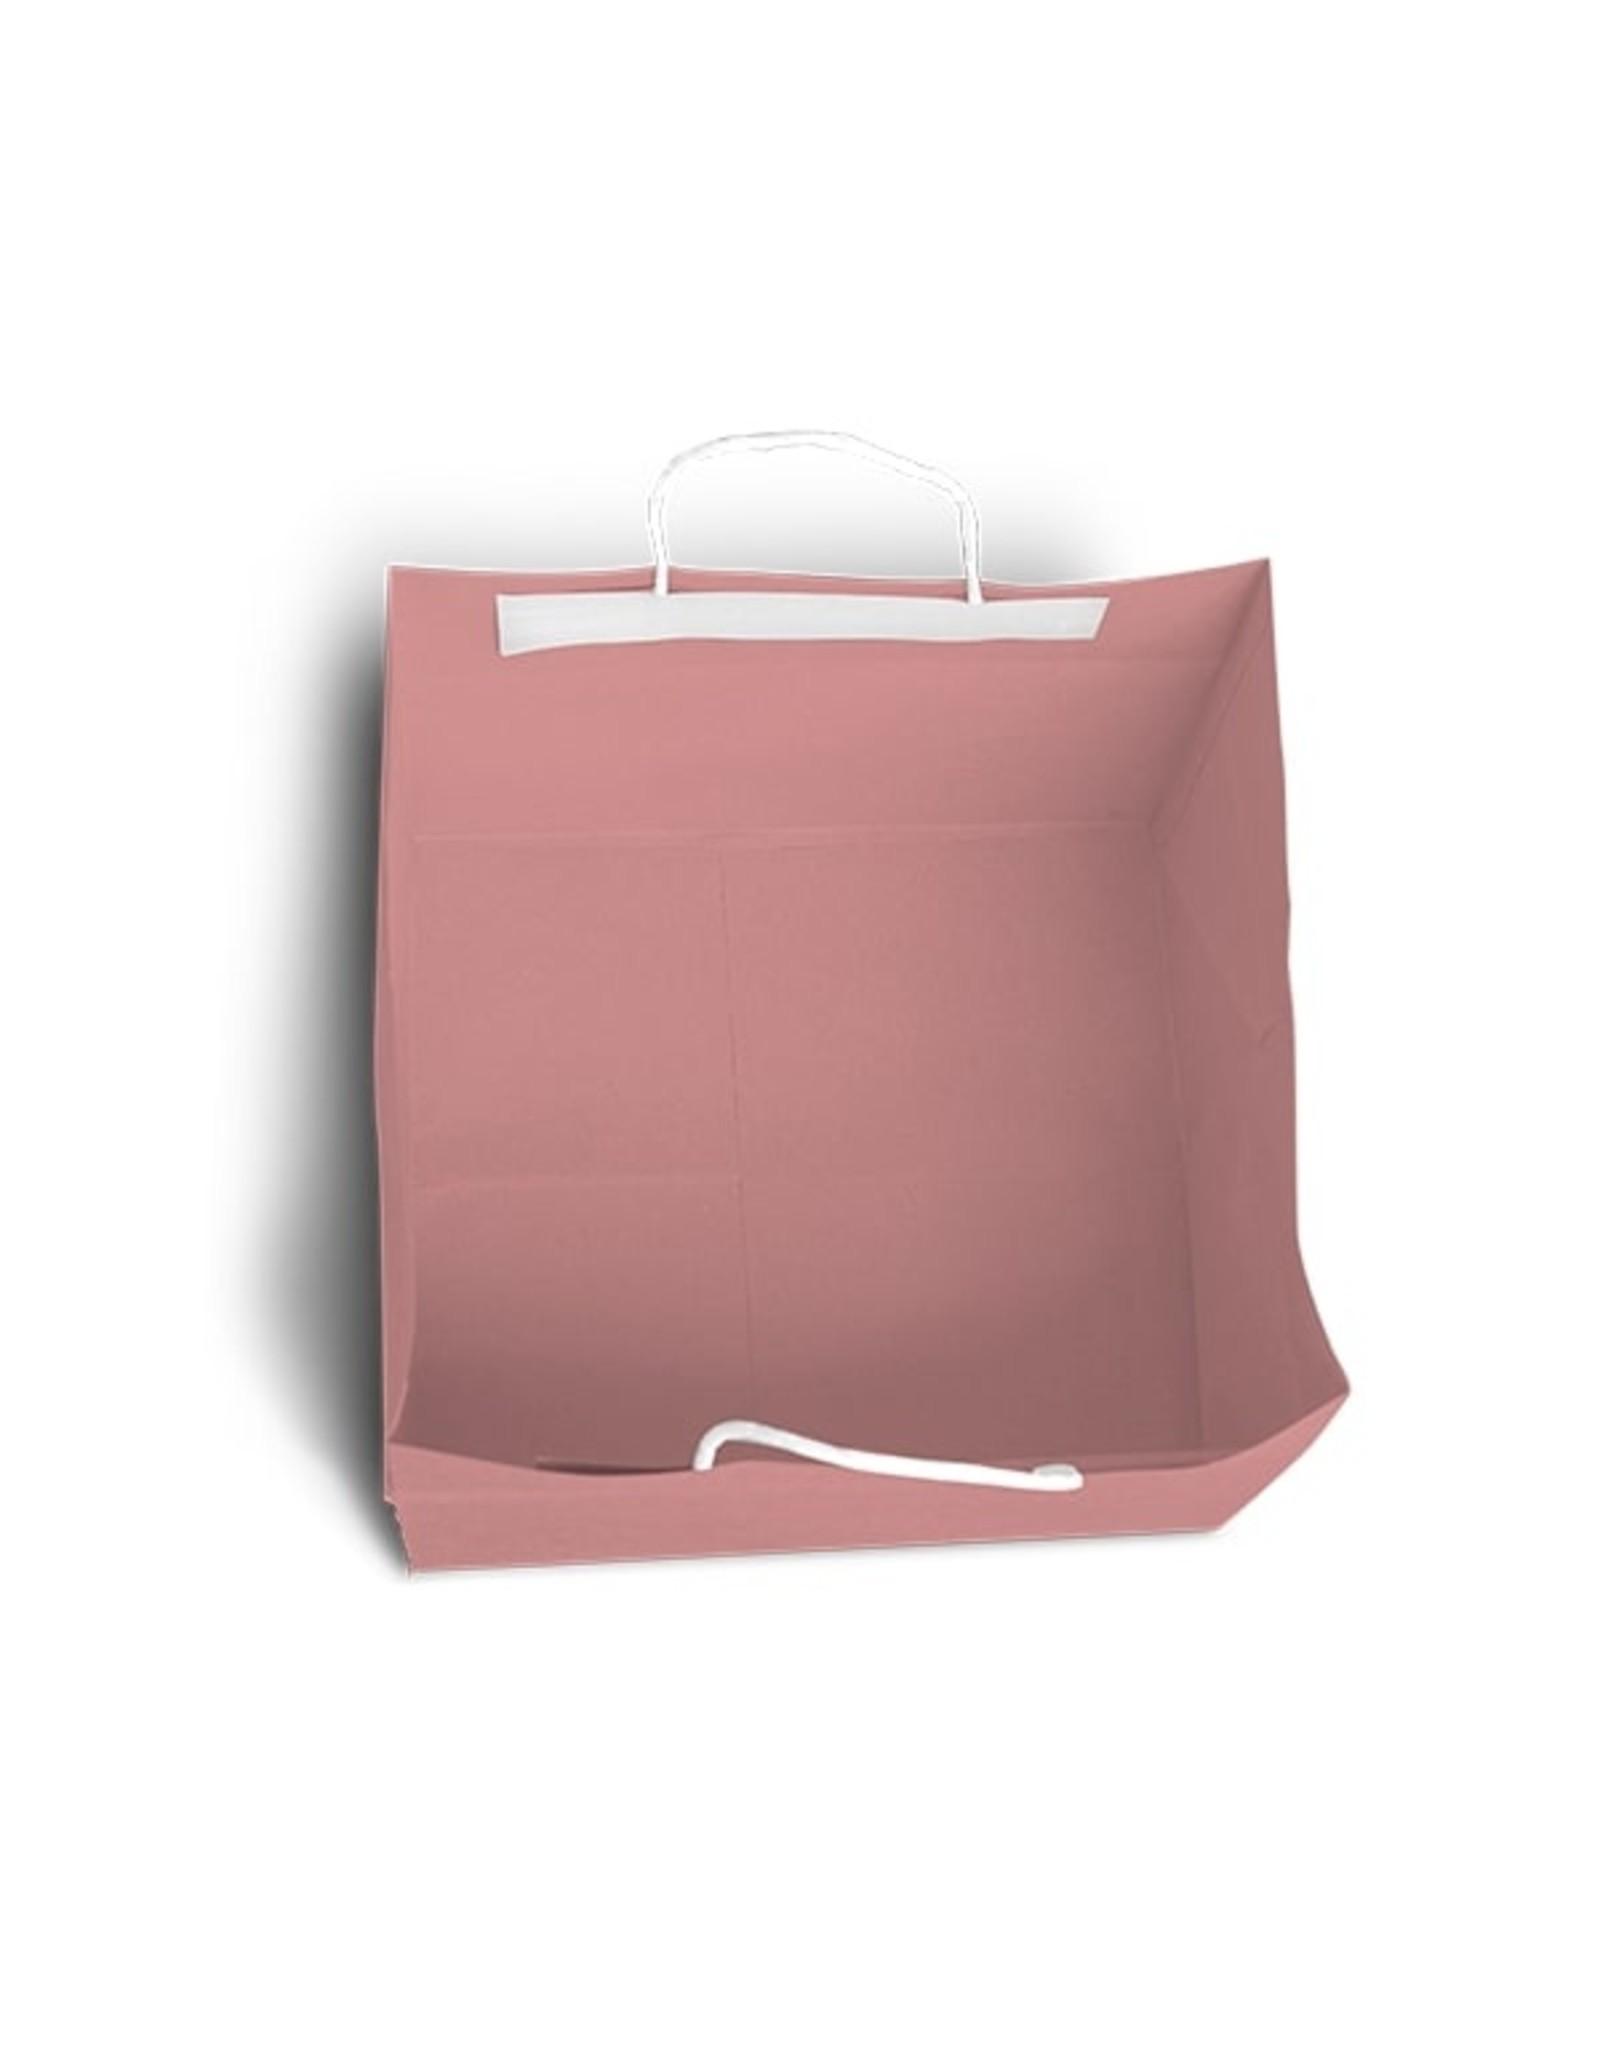 Roze tas - klein (per 10 stuks)